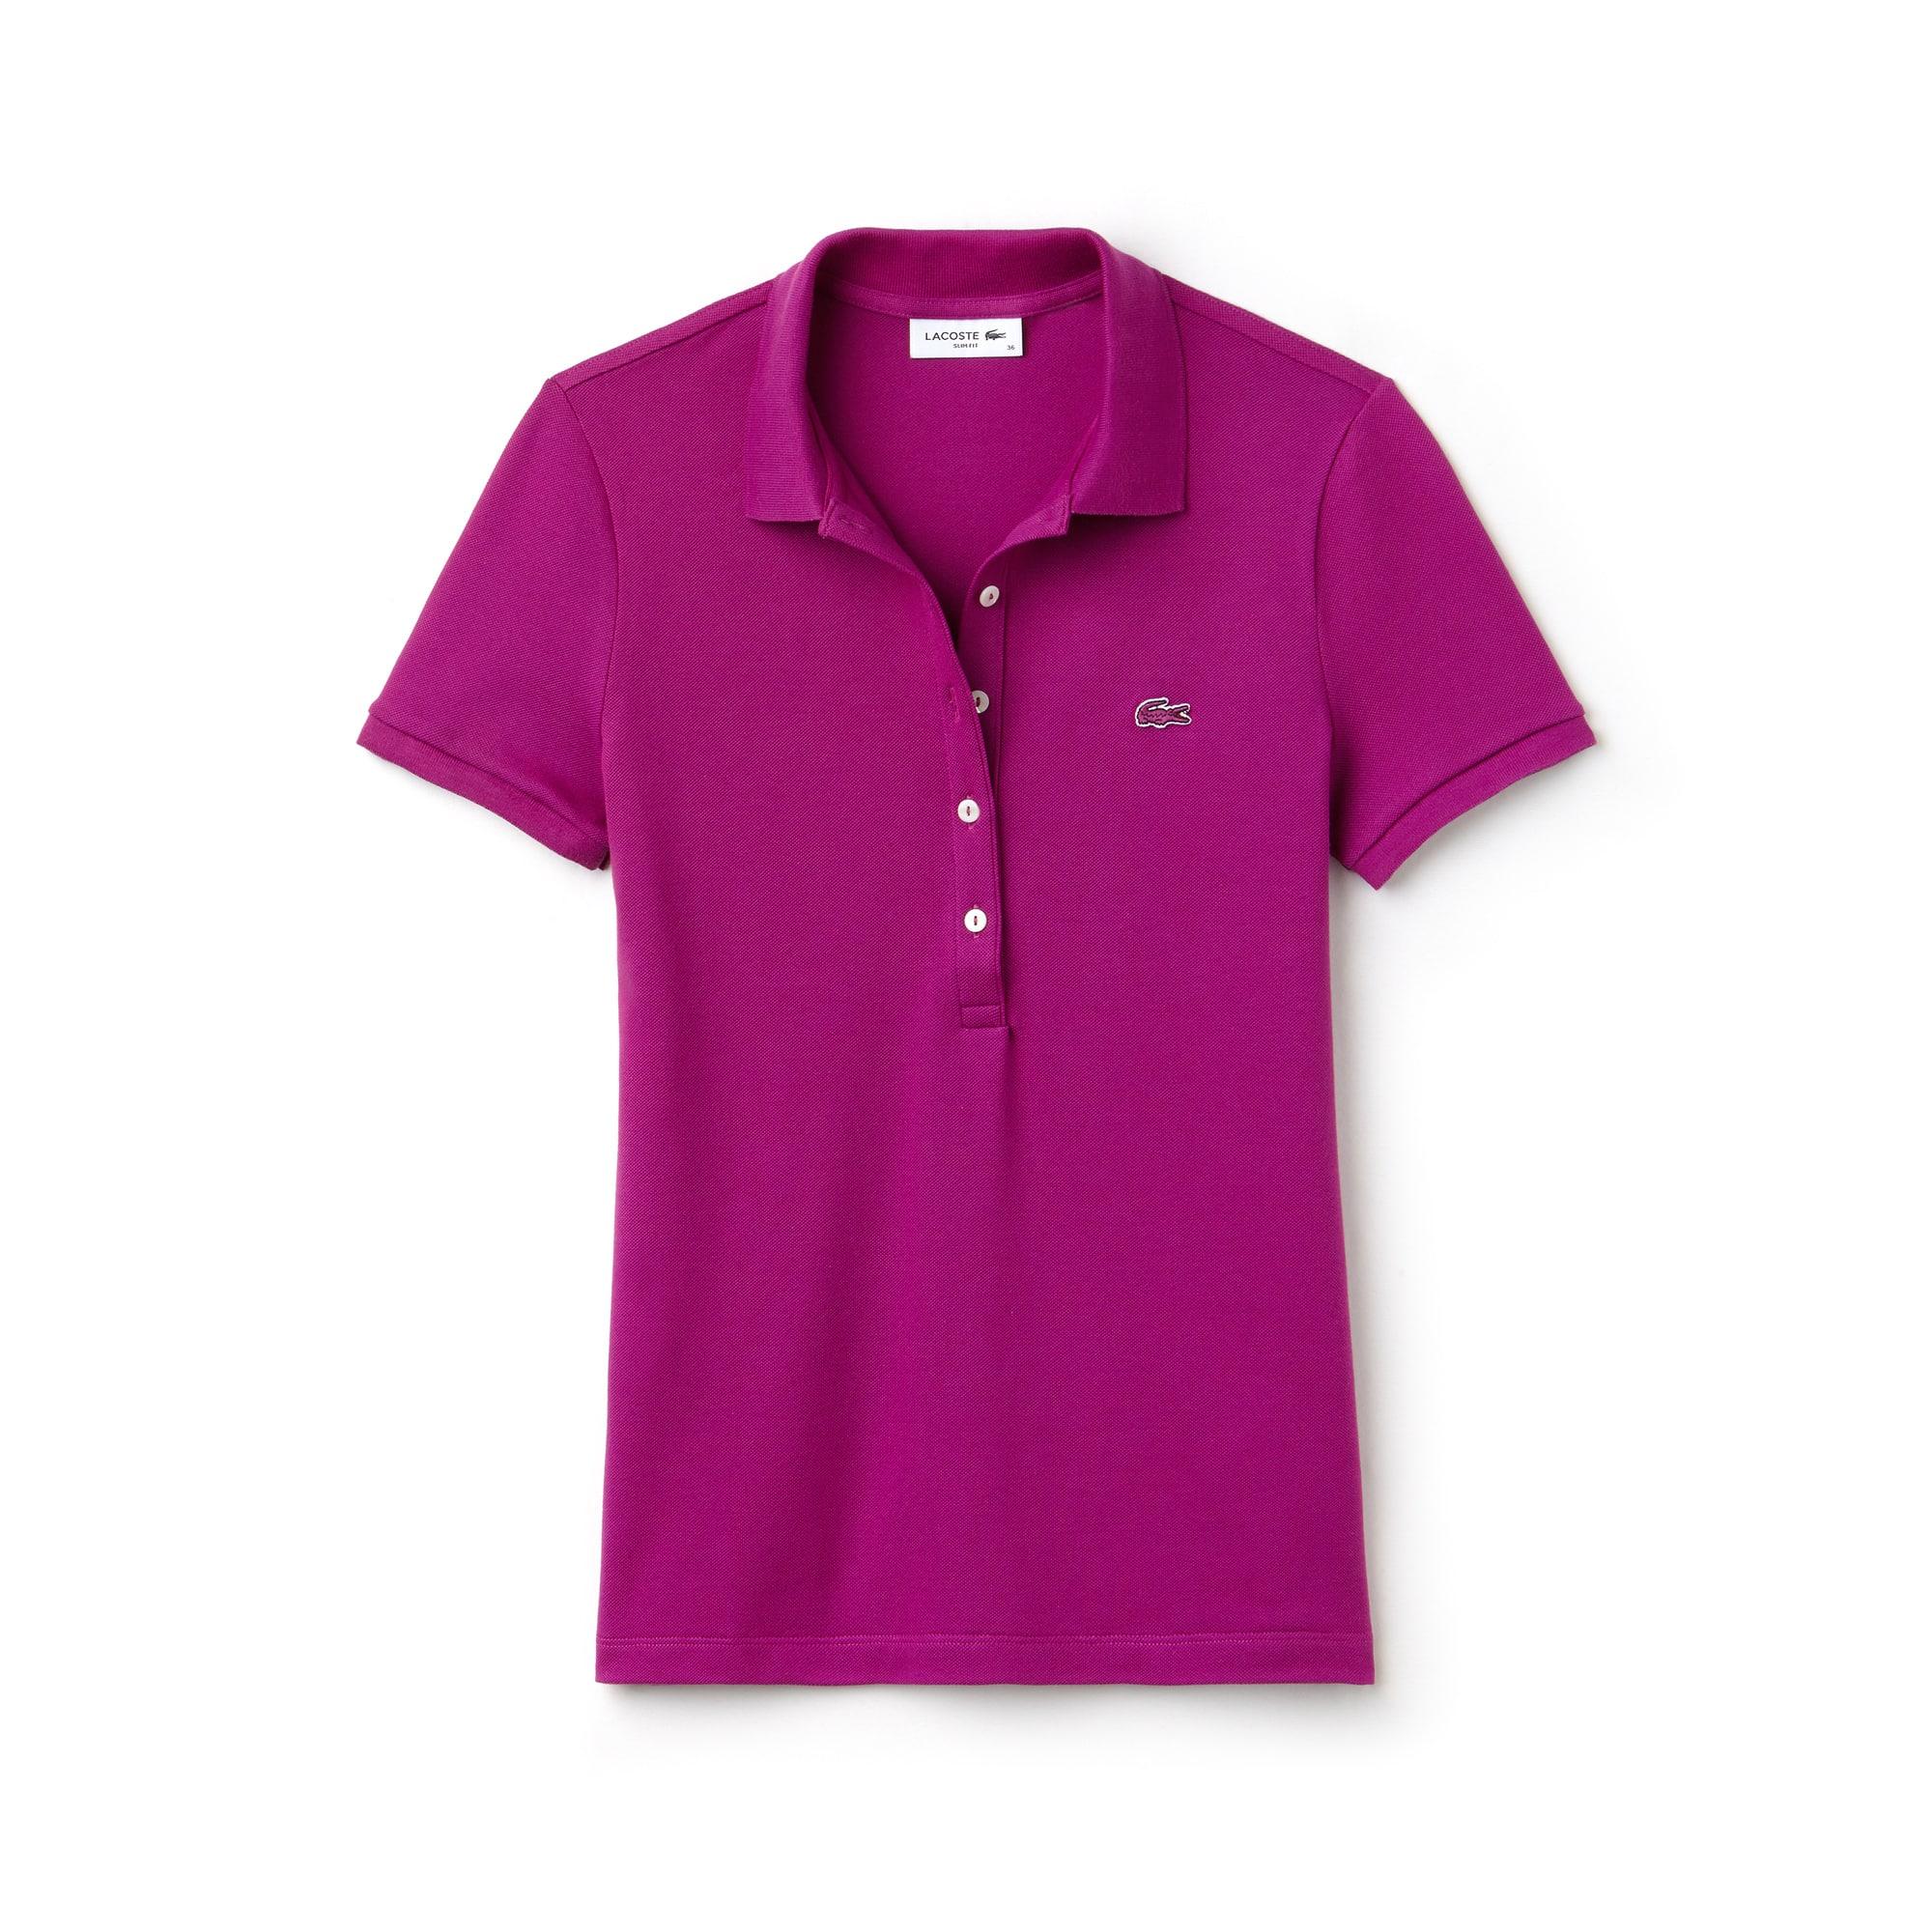 라코스테 반팔 카라티 Lacoste Womens Slim Fit Stretch Mini Cotton Pique Polo Shirt,cardinal red